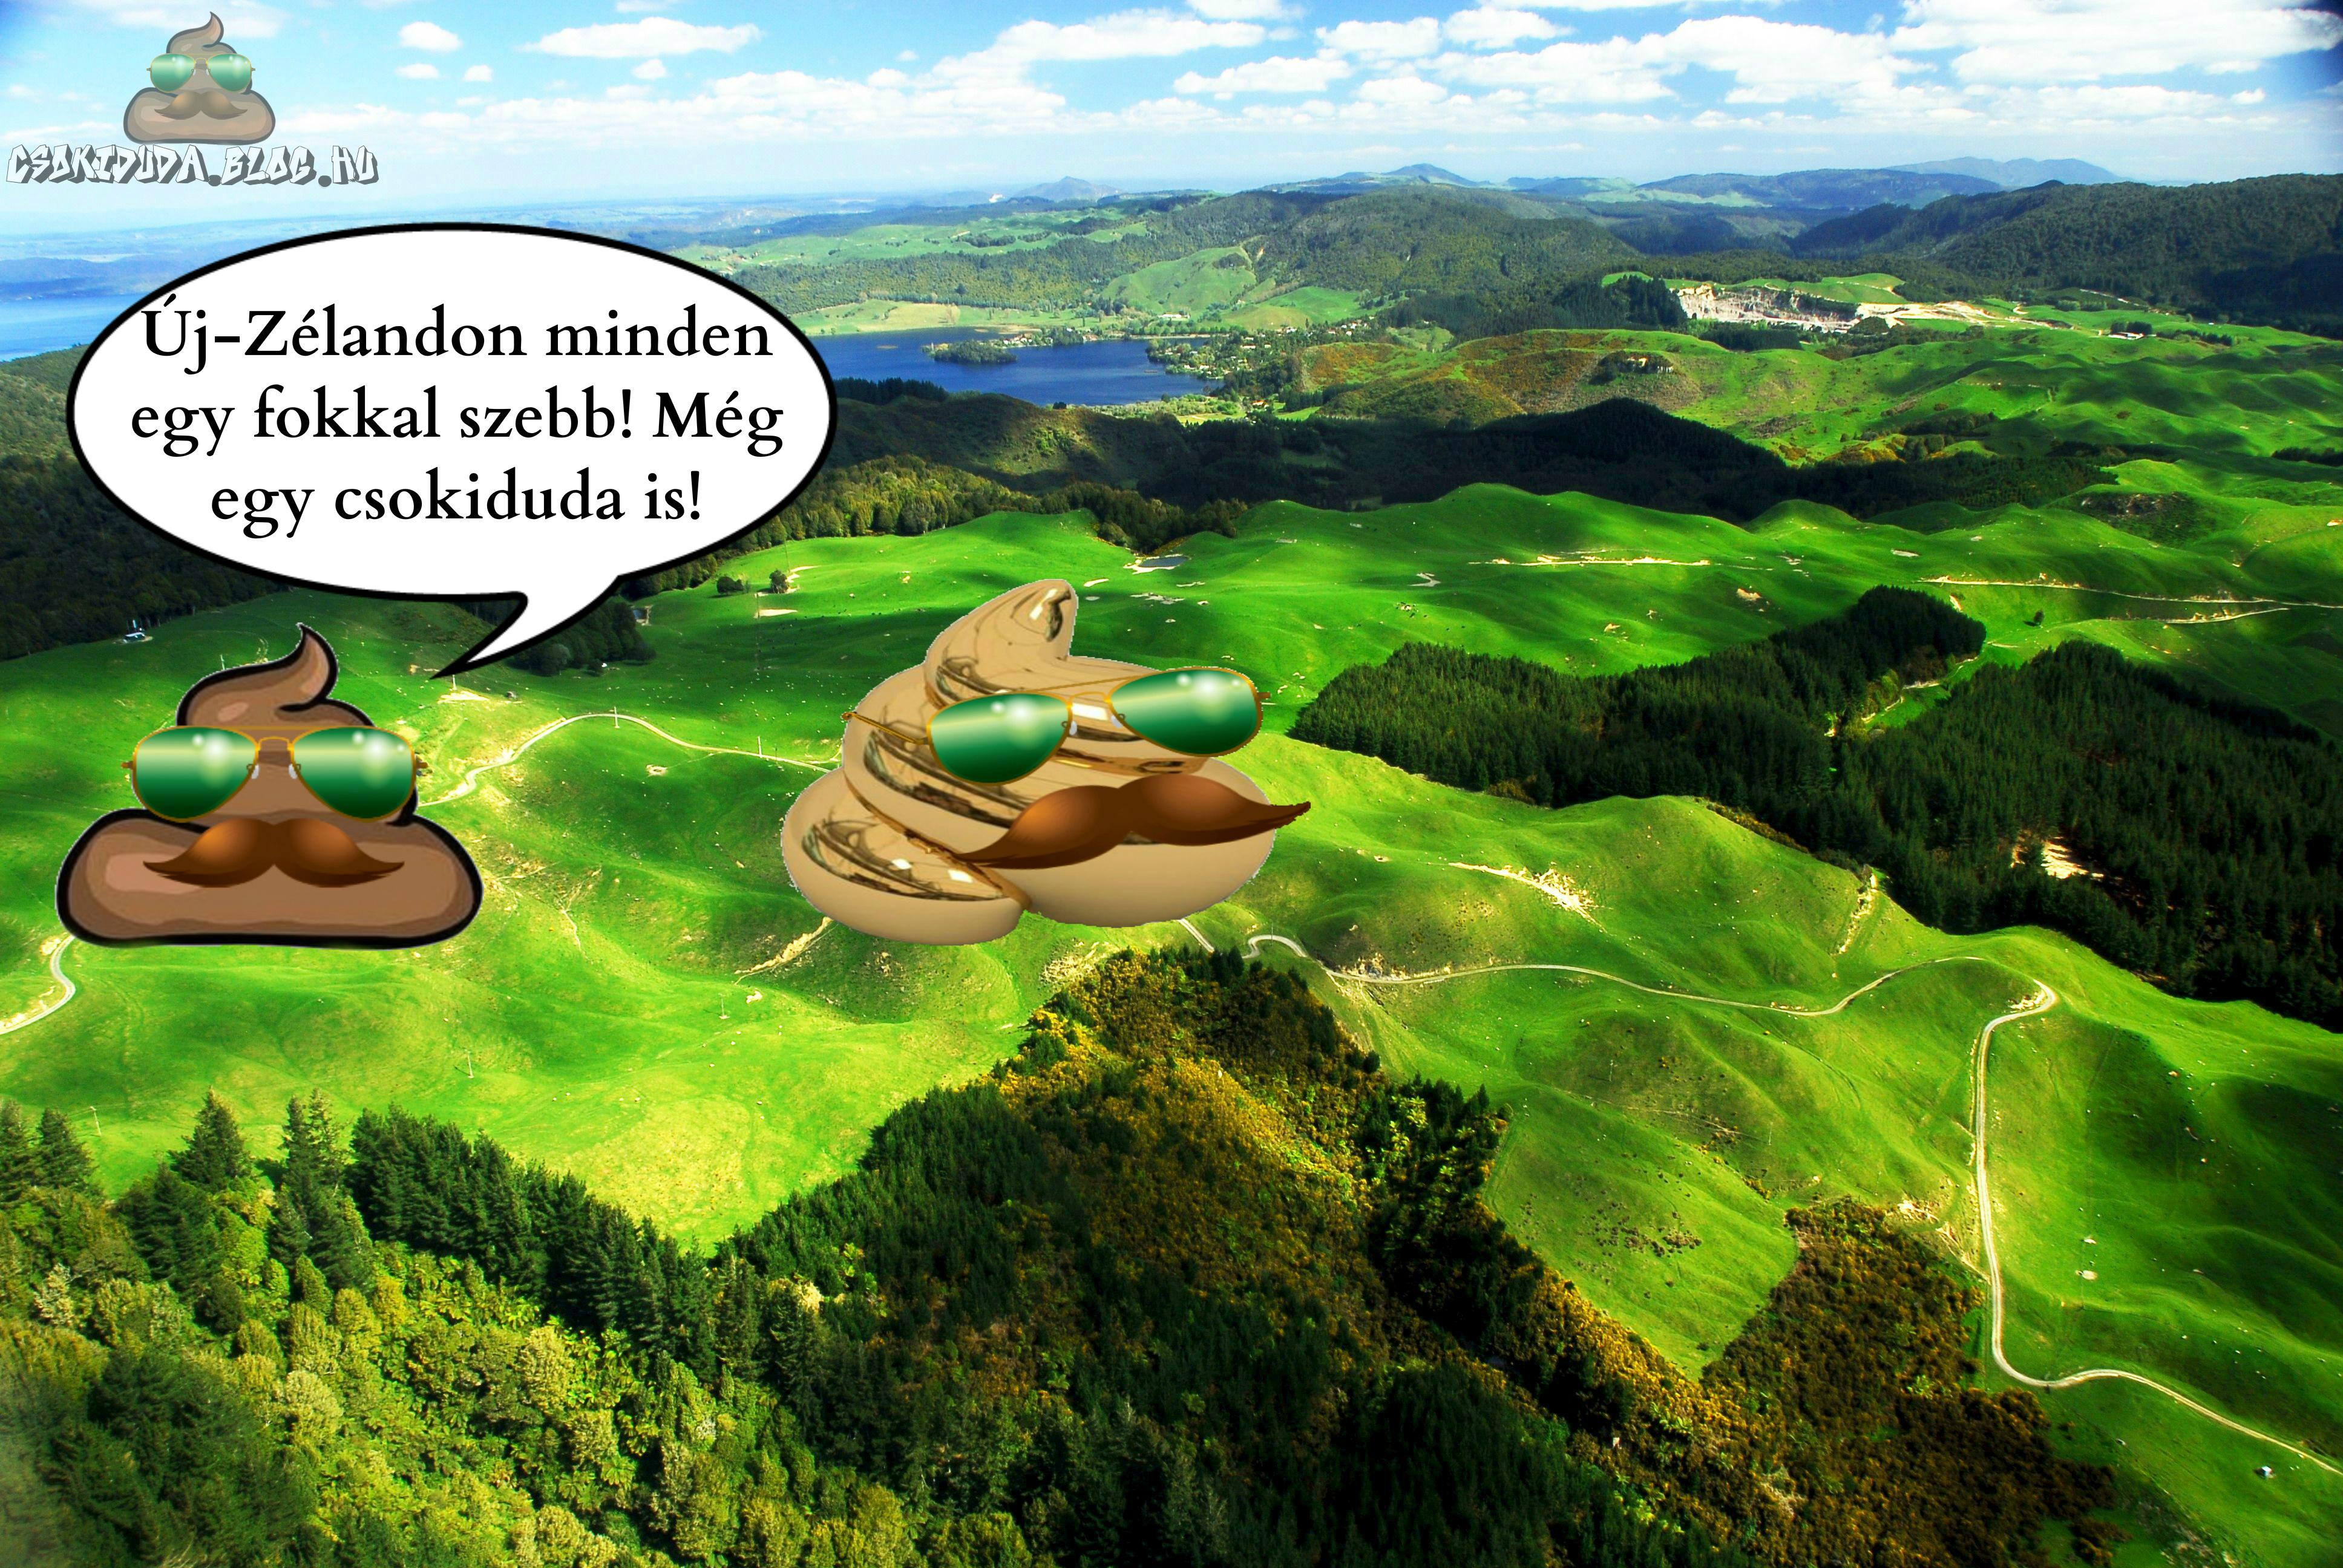 Top 10 új zéland társkereső oldal